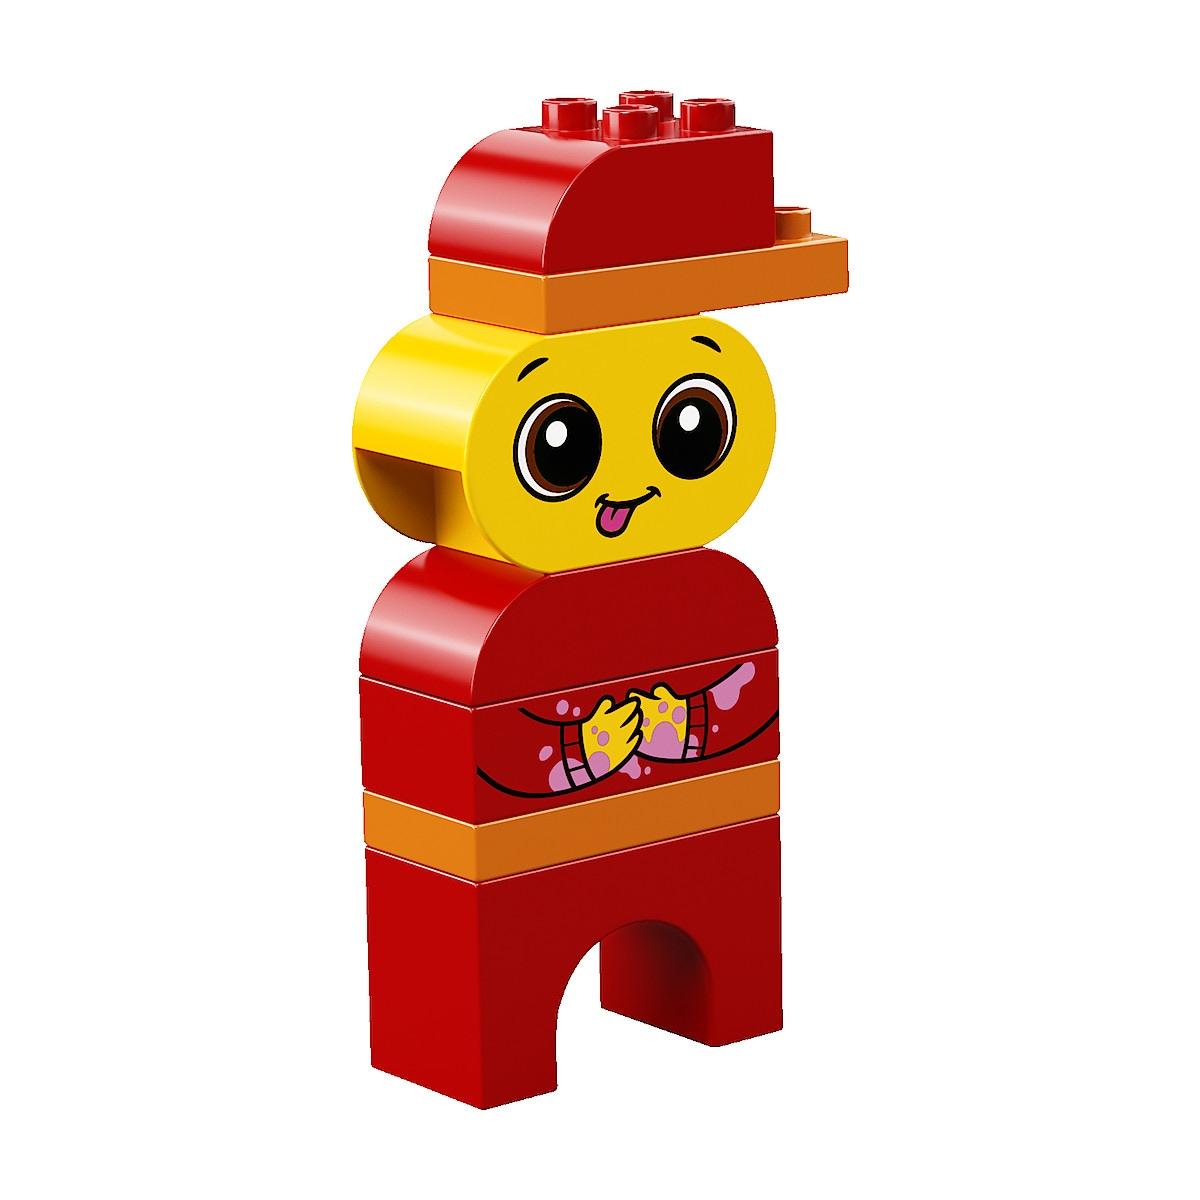 LEGO Duplo 10861, My First Emotions